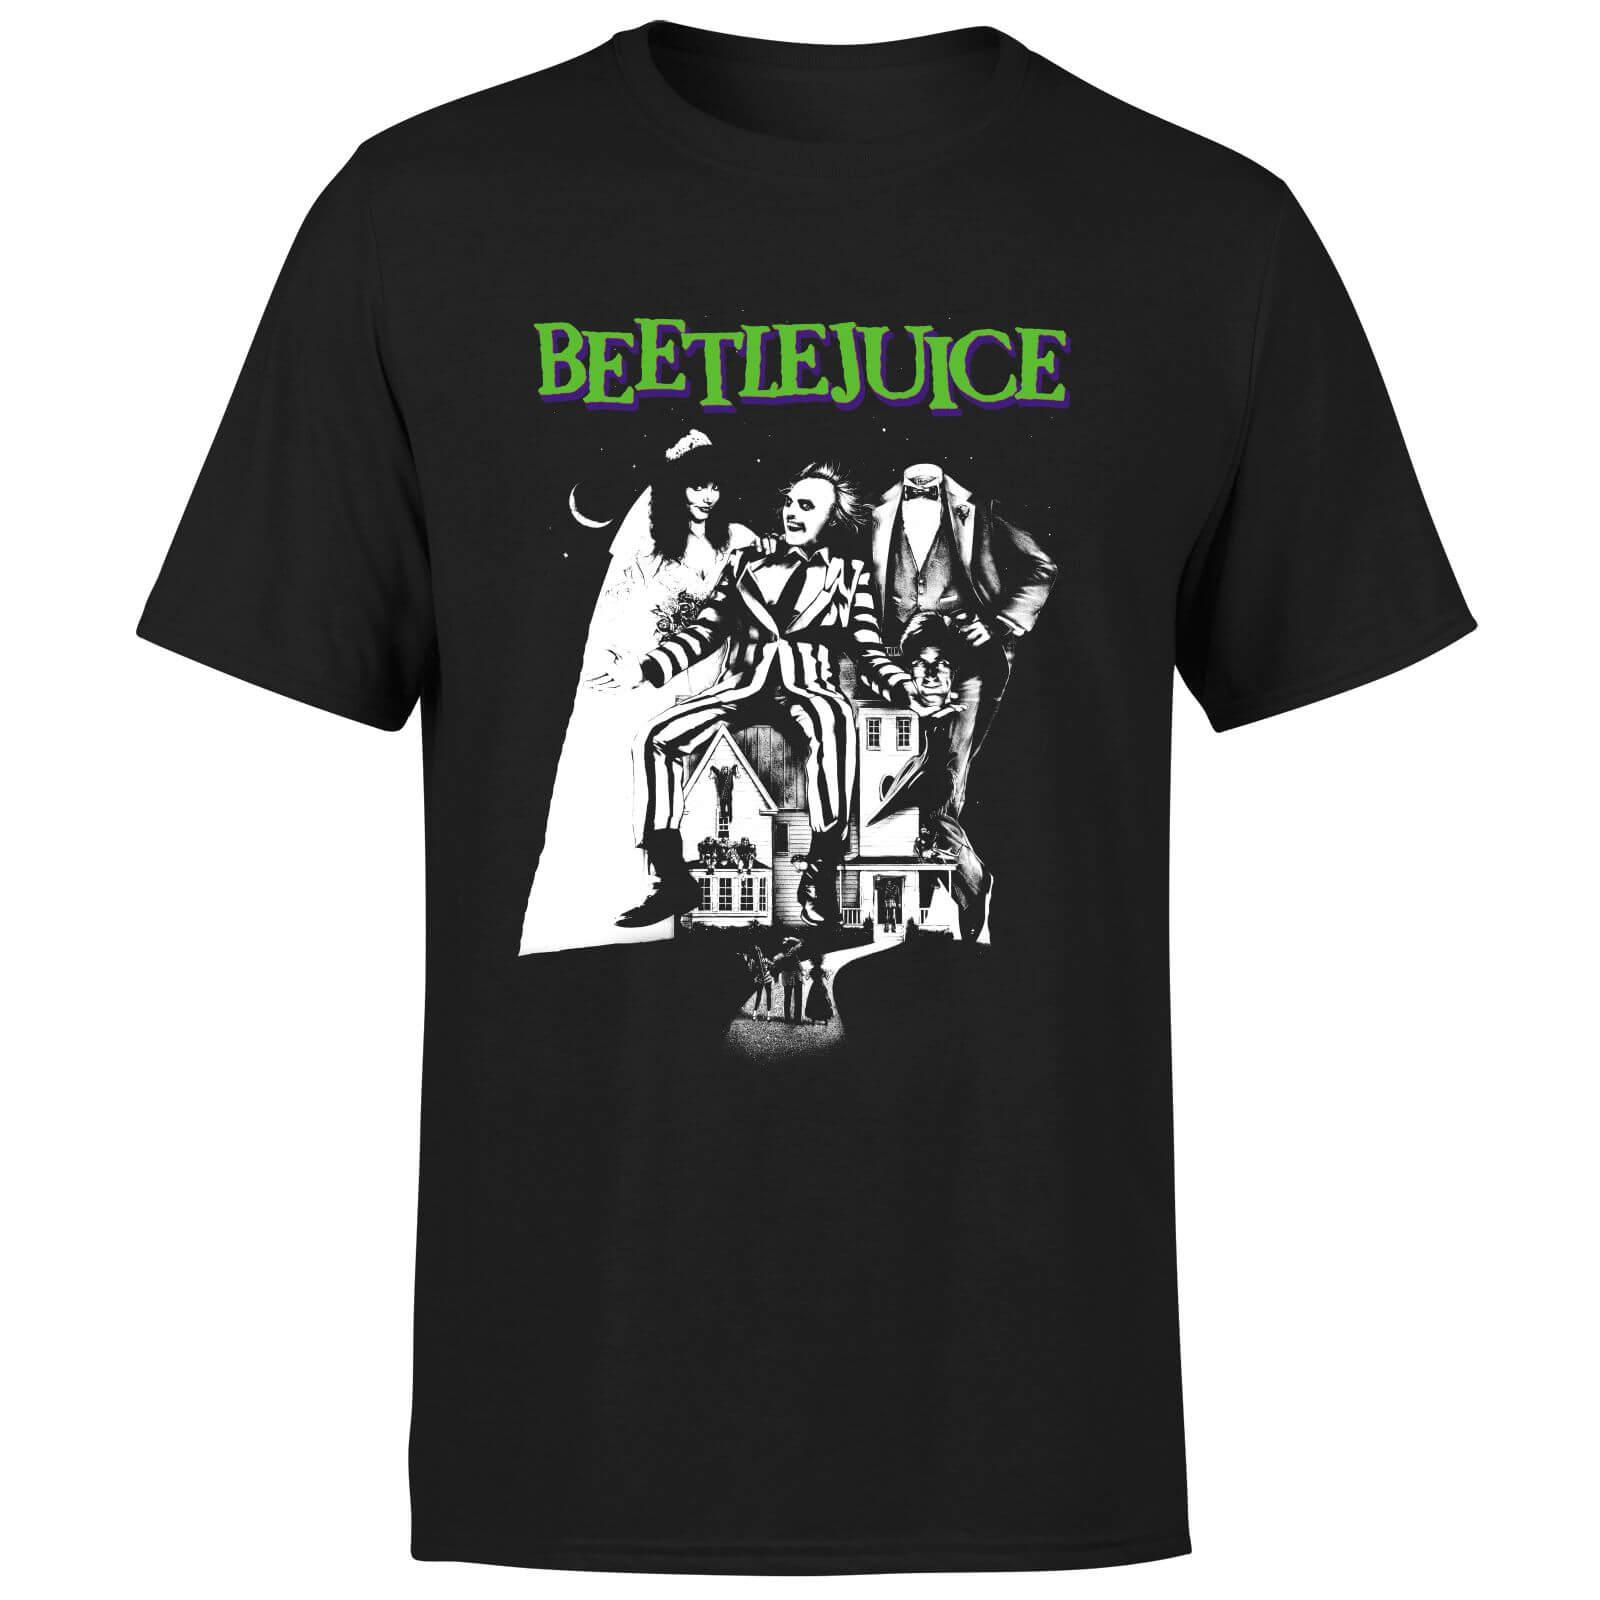 Beetlejuice T-Shirt Homme Affiche Mono Beetlejuice - Noir - M - Noir